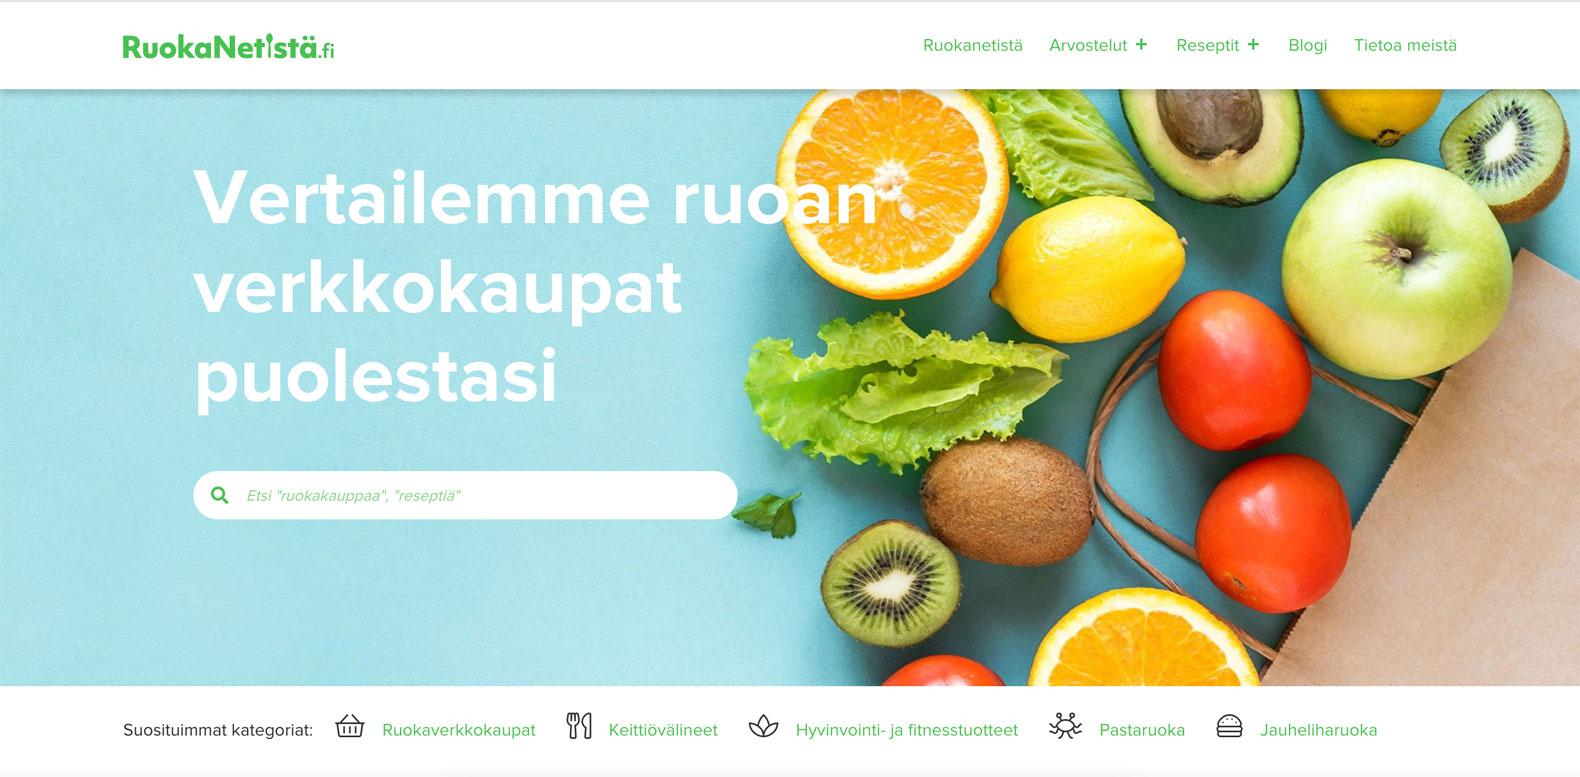 ruokaa netistä